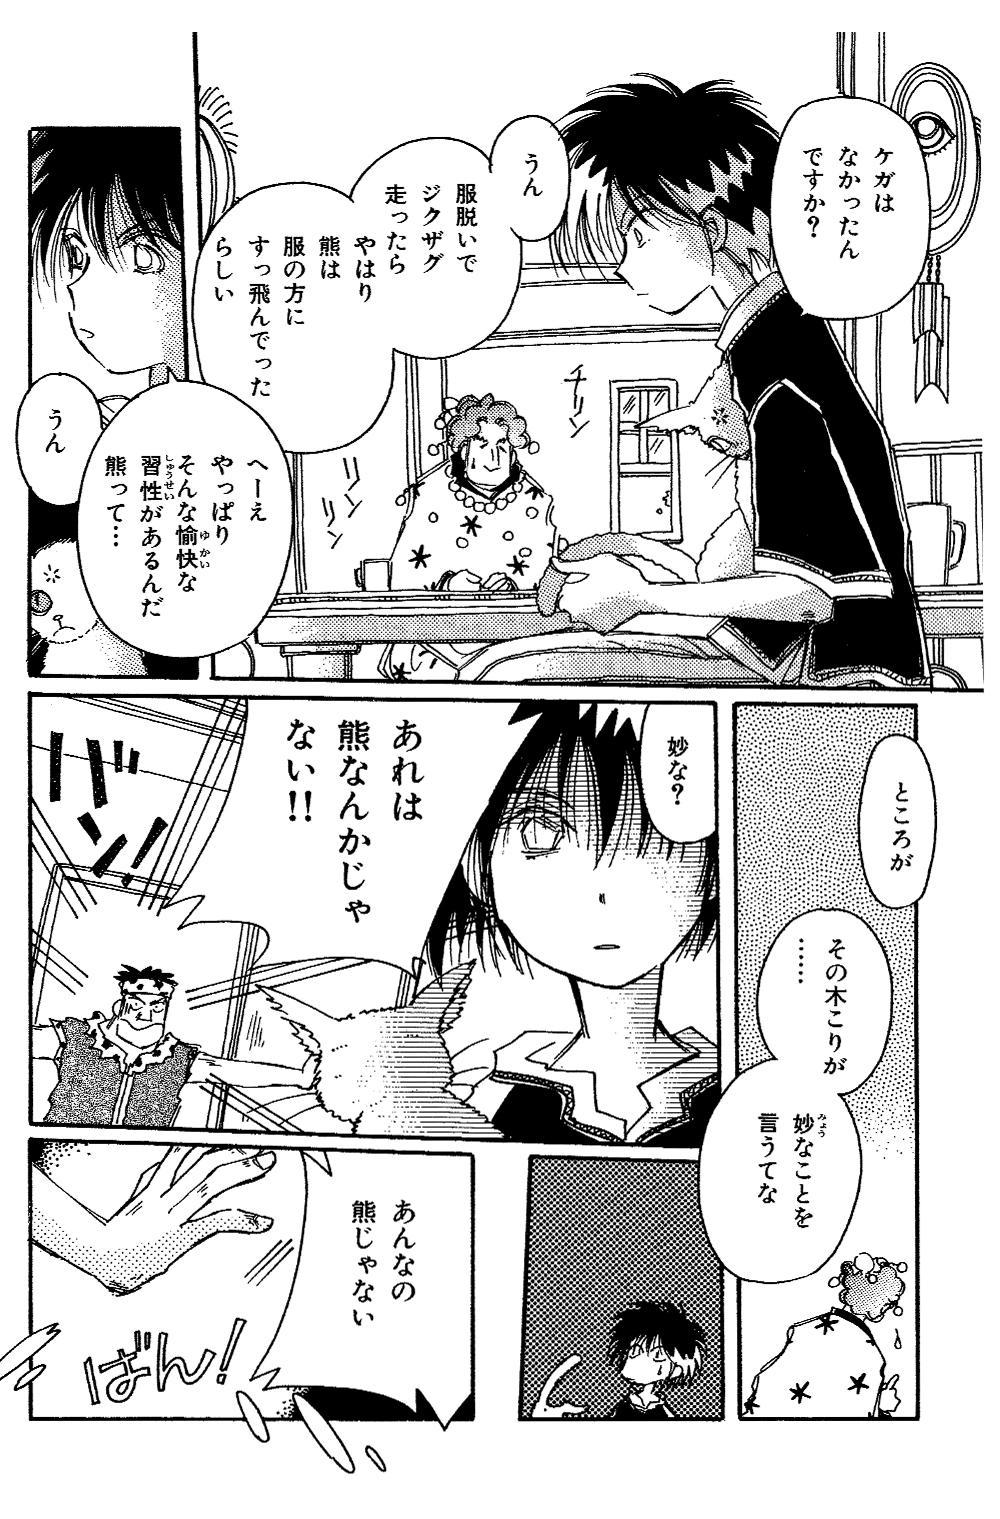 チキタ★GUGU 第3話chikitagg05-09.jpg